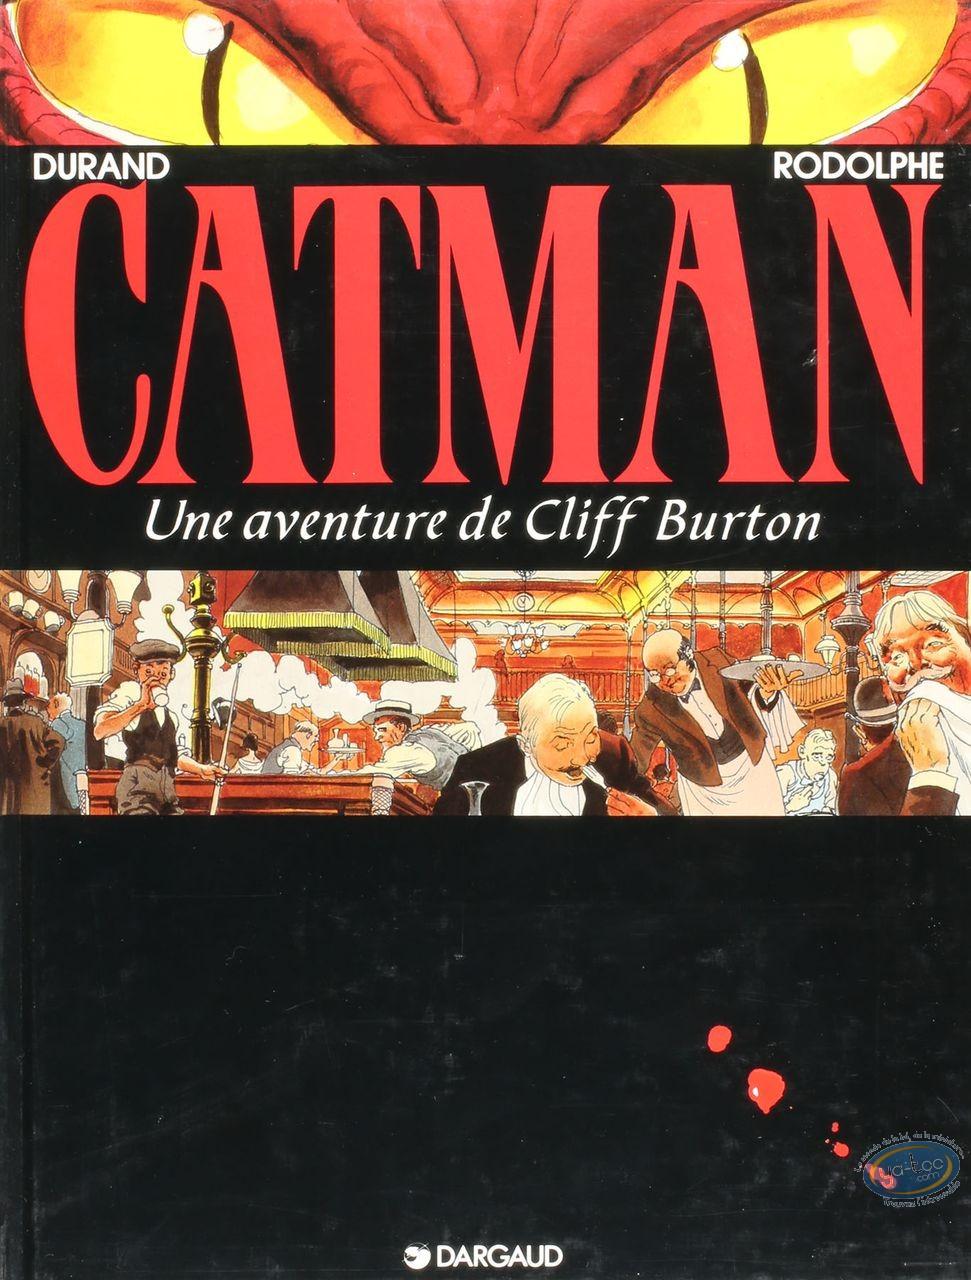 Listed European Comic Books, Cliff Burton : Catman